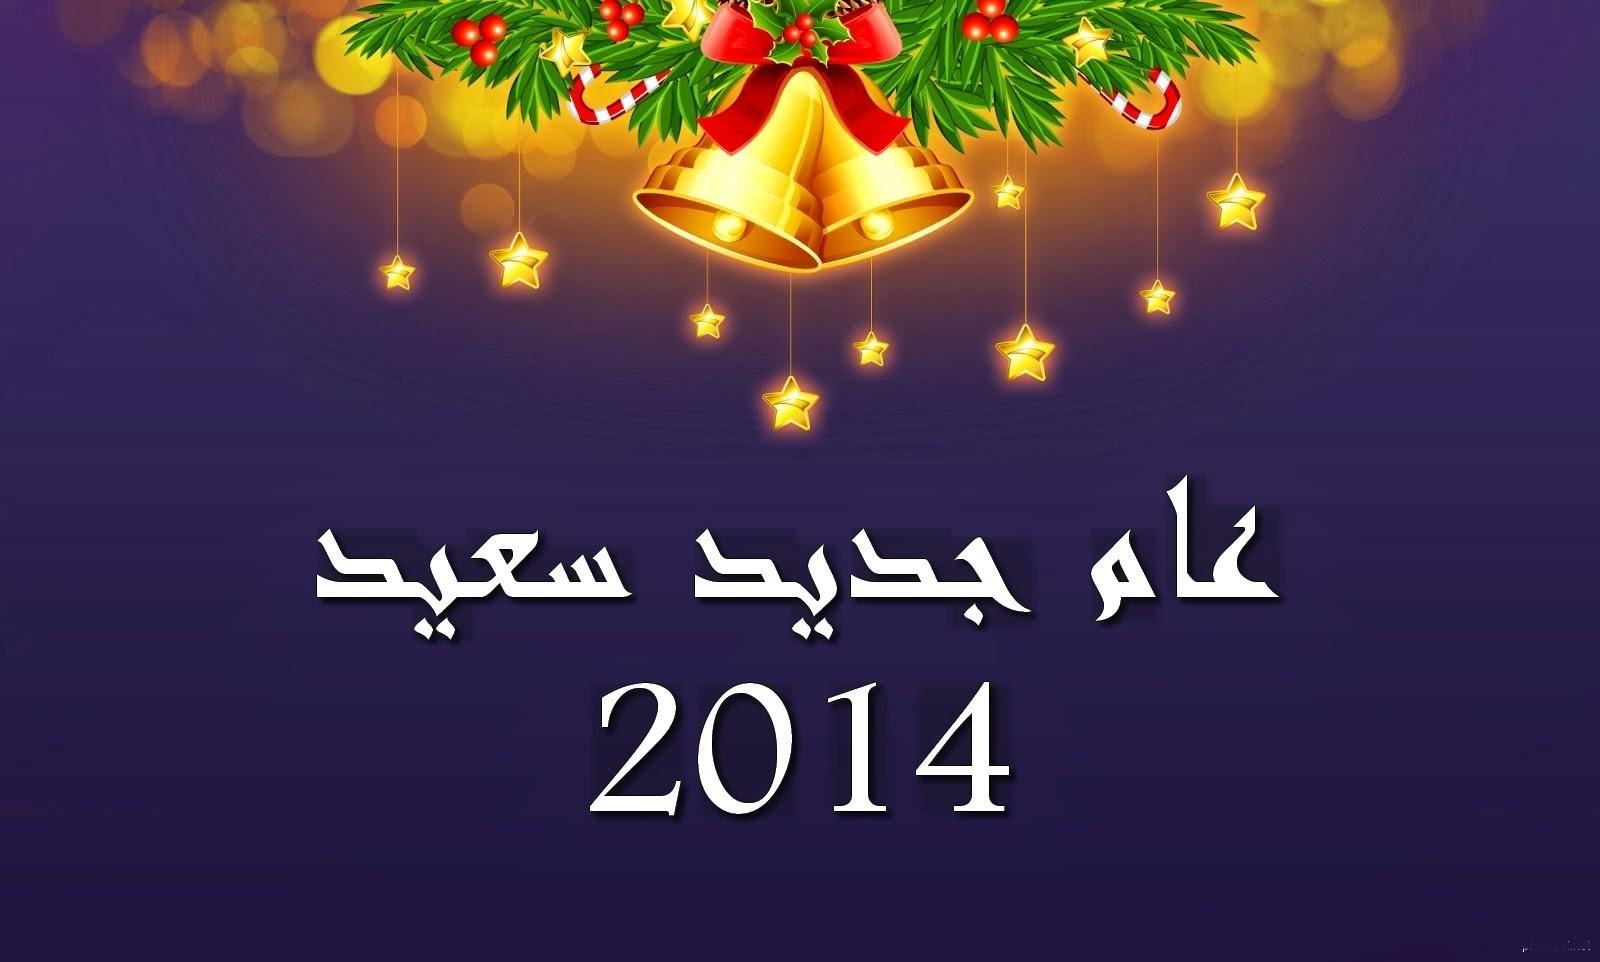 توبيكات ترحيب بسنة 2014 , توبيكات مسن فرحة بالعام الجديد 2014